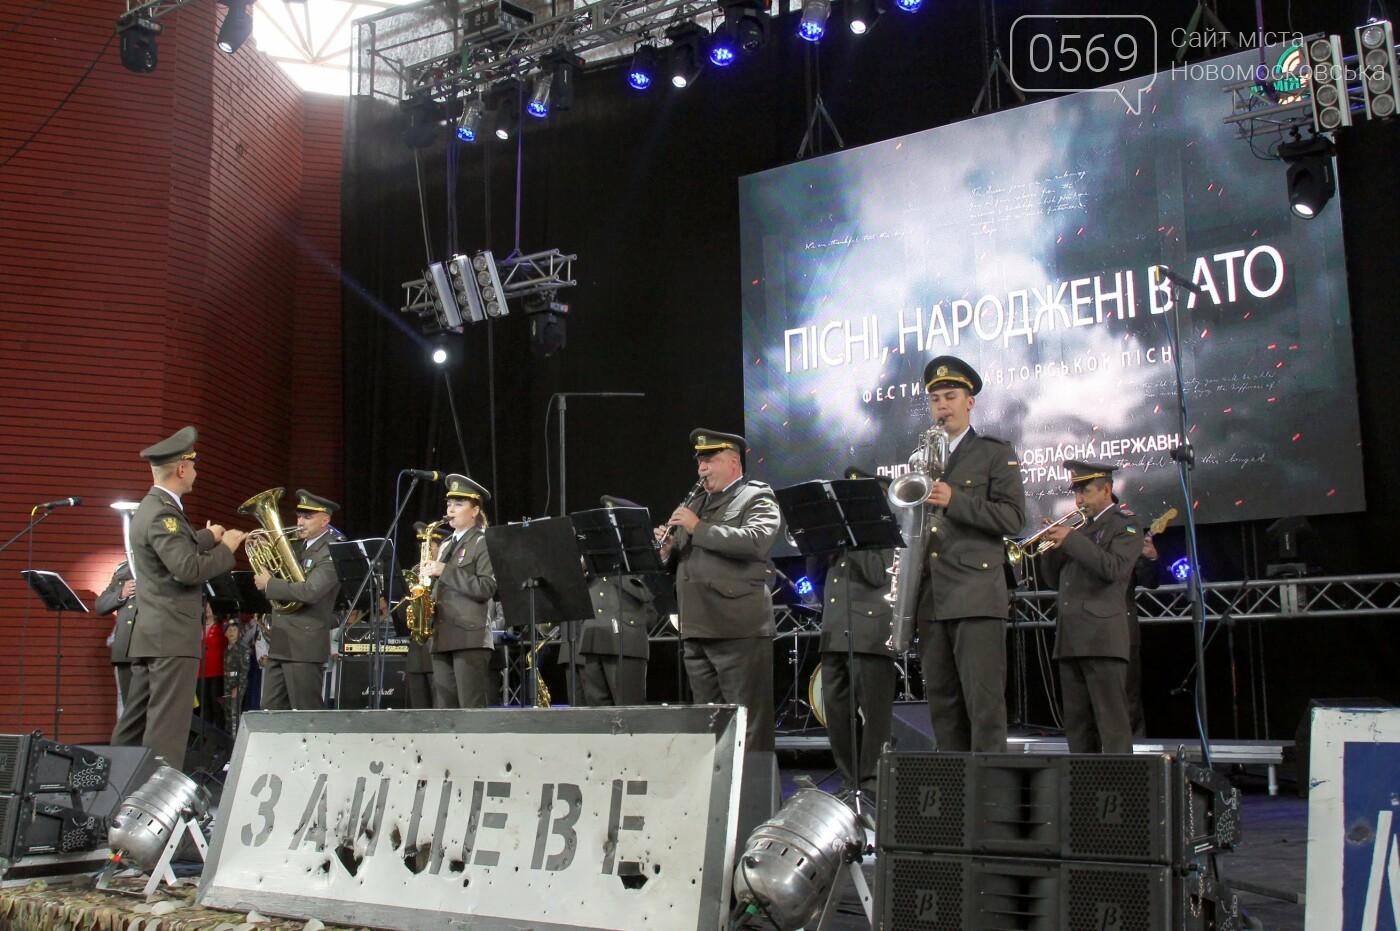 У Дніпрі відбувся фестиваль національного масштабу «Пісні, народжені в АТО», фото-3